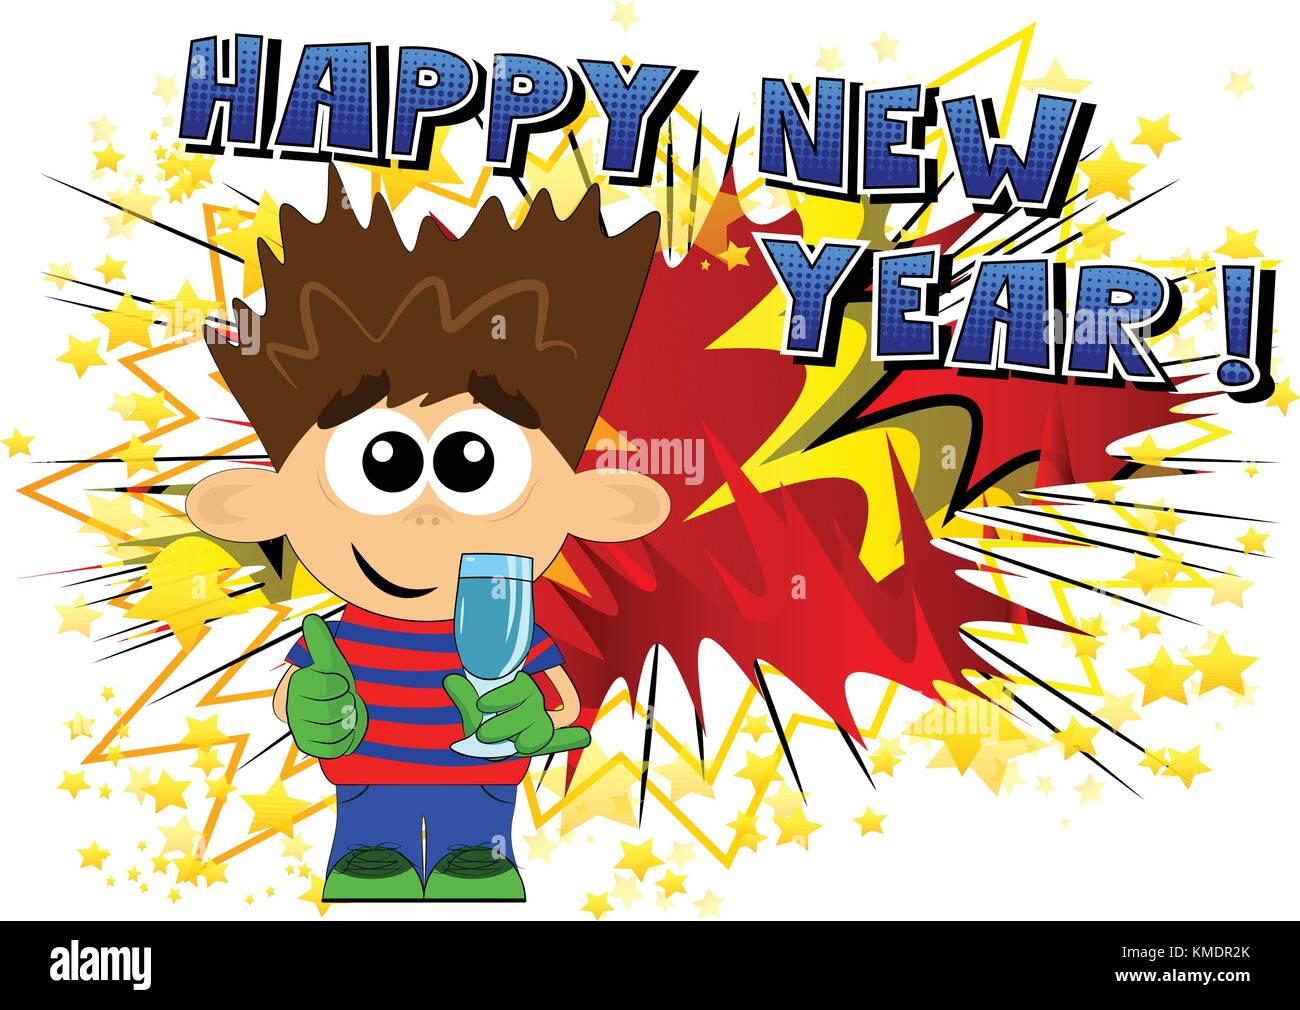 Happy New Year Cartoon 54